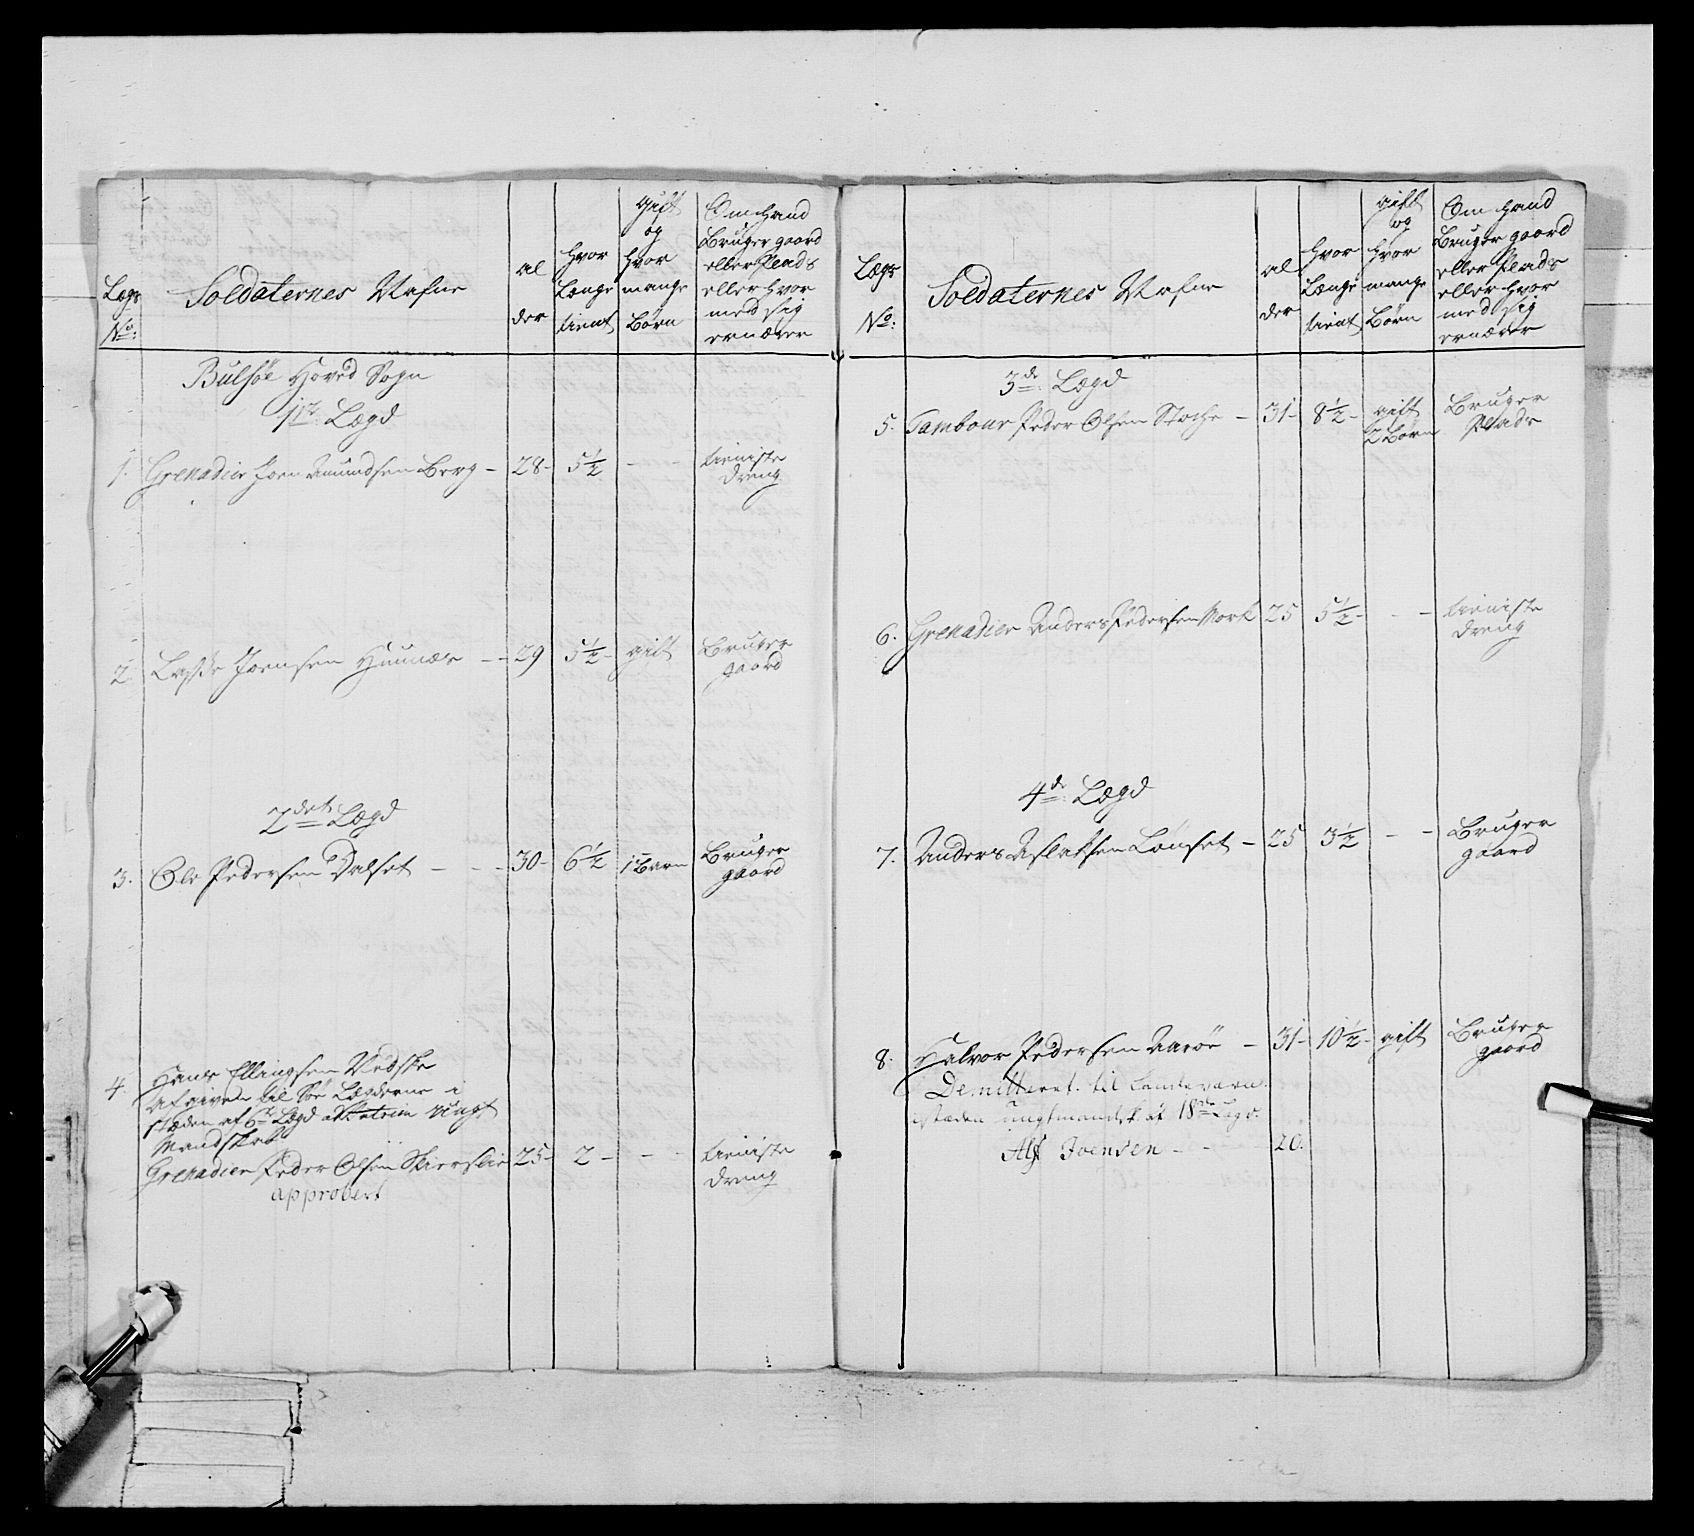 RA, Generalitets- og kommissariatskollegiet, Det kongelige norske kommissariatskollegium, E/Eh/L0076: 2. Trondheimske nasjonale infanteriregiment, 1766-1773, s. 469